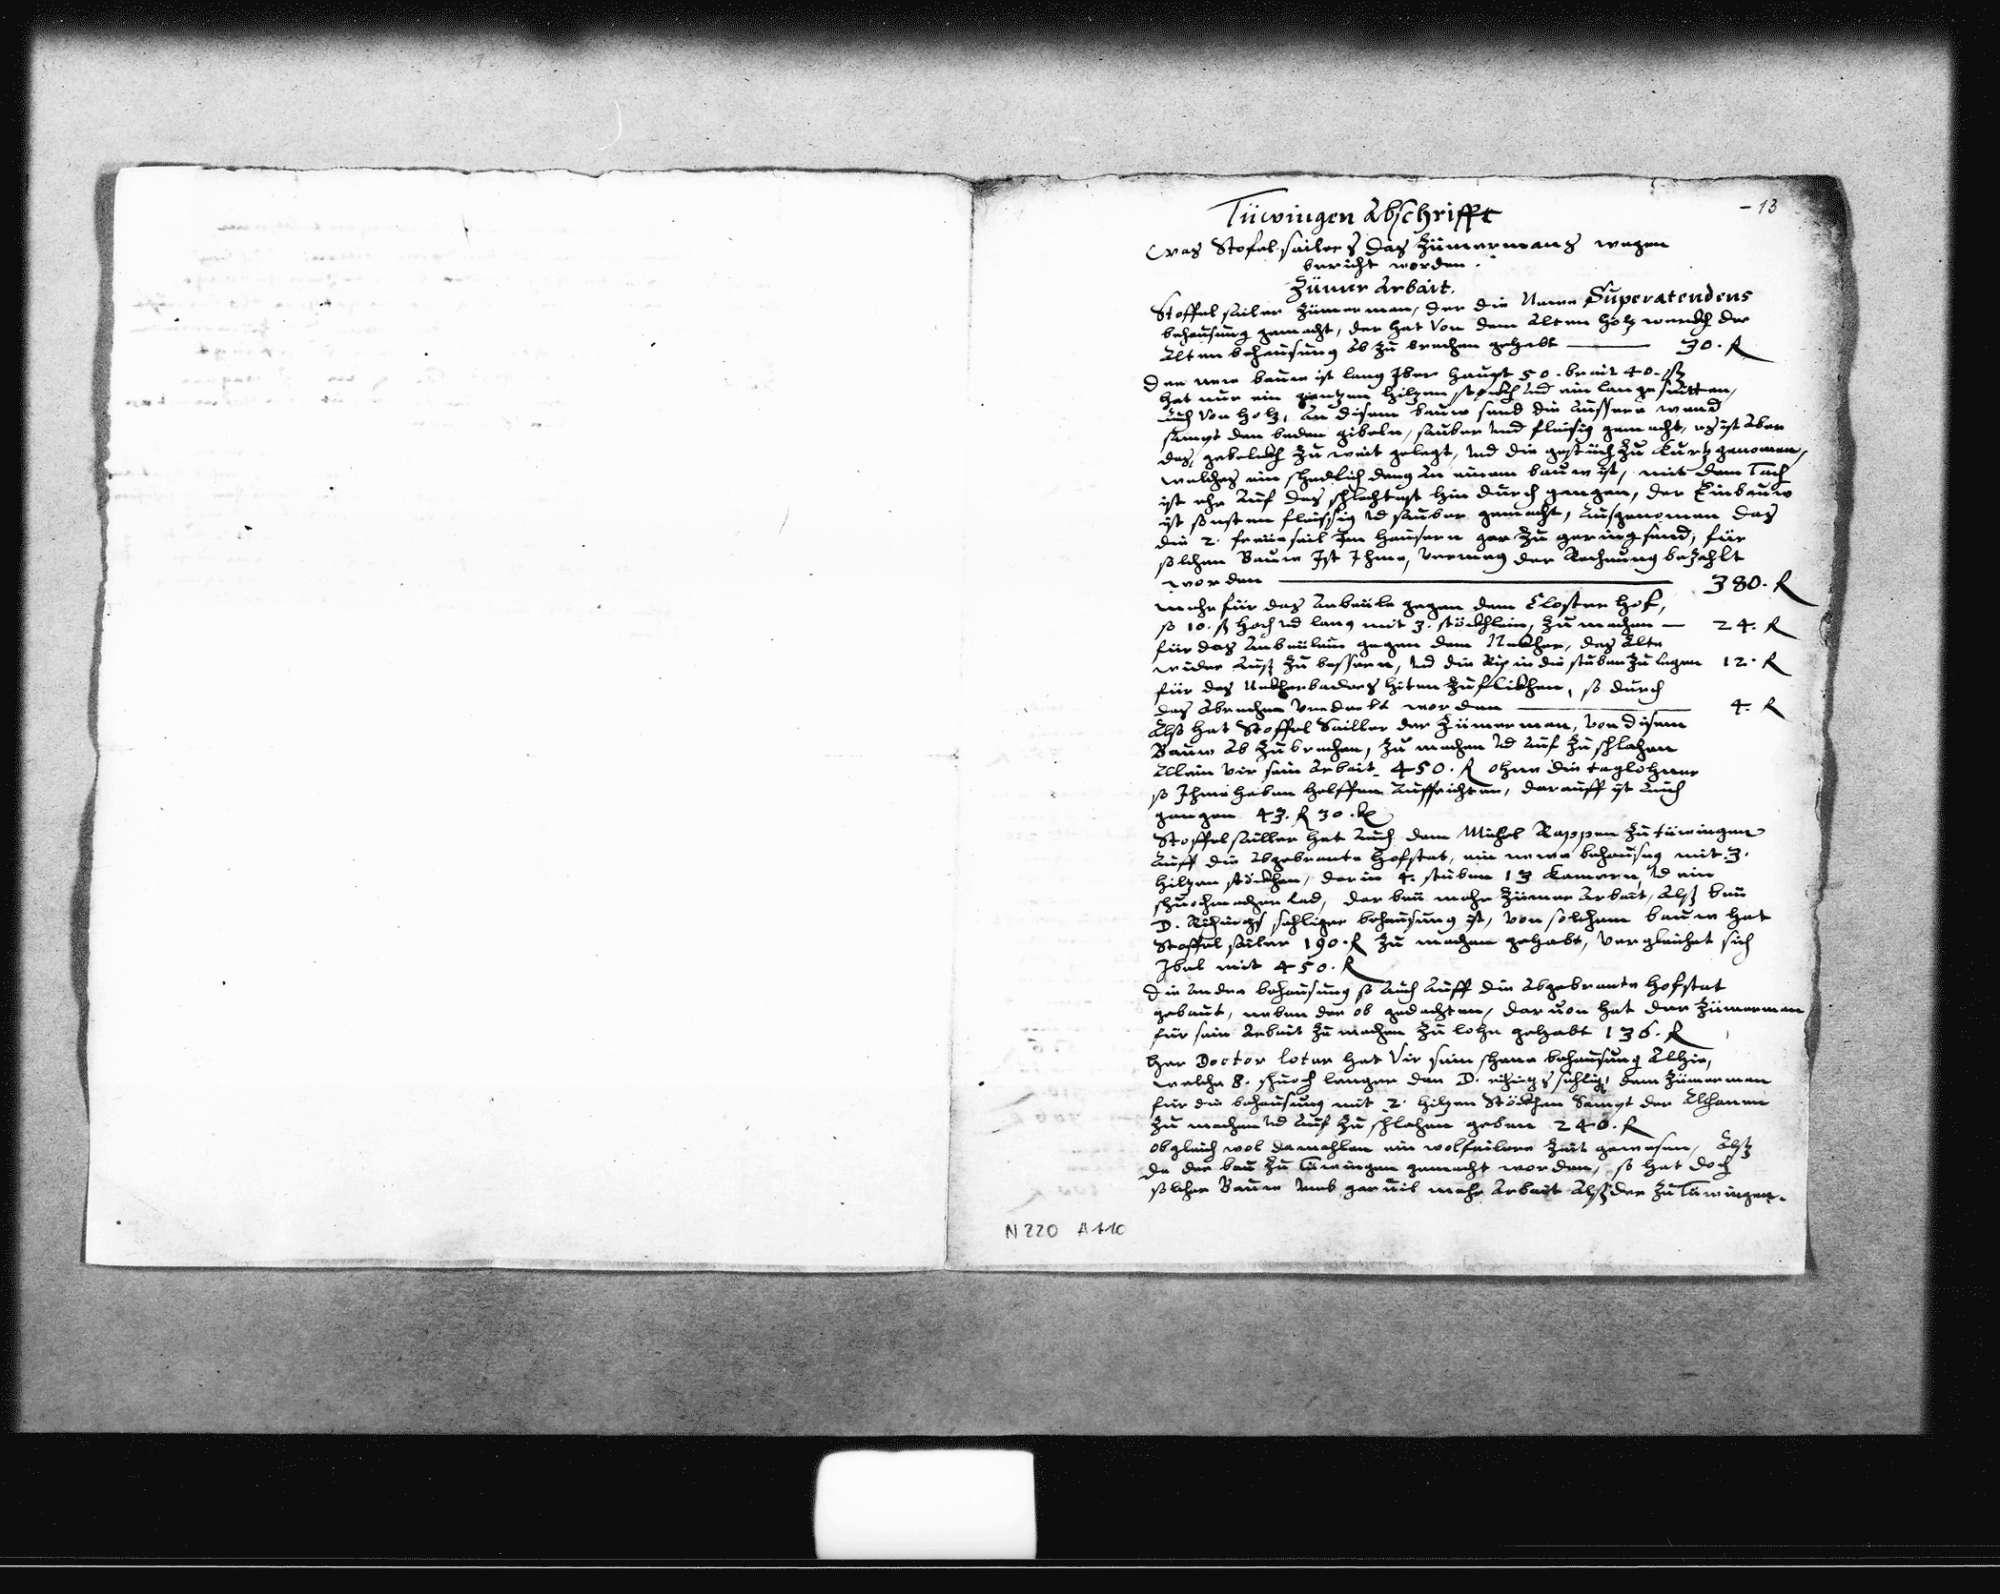 Notizen, Entwürfe und Rechnungen für ein Gutachten zu Unstimmigkeiten bei der Abrechnung der Baukosten (u. a. für das Haus des Superattendenten) durch Christoph Seiler, Zimmermann, zum Teil o. D. (3 Oktav, Quart, Folio Doppelblatt) und datiert 24. September 1629 (Quart), 2. Oktober 1629 (Quart), 1631 (Folio), Bild 3